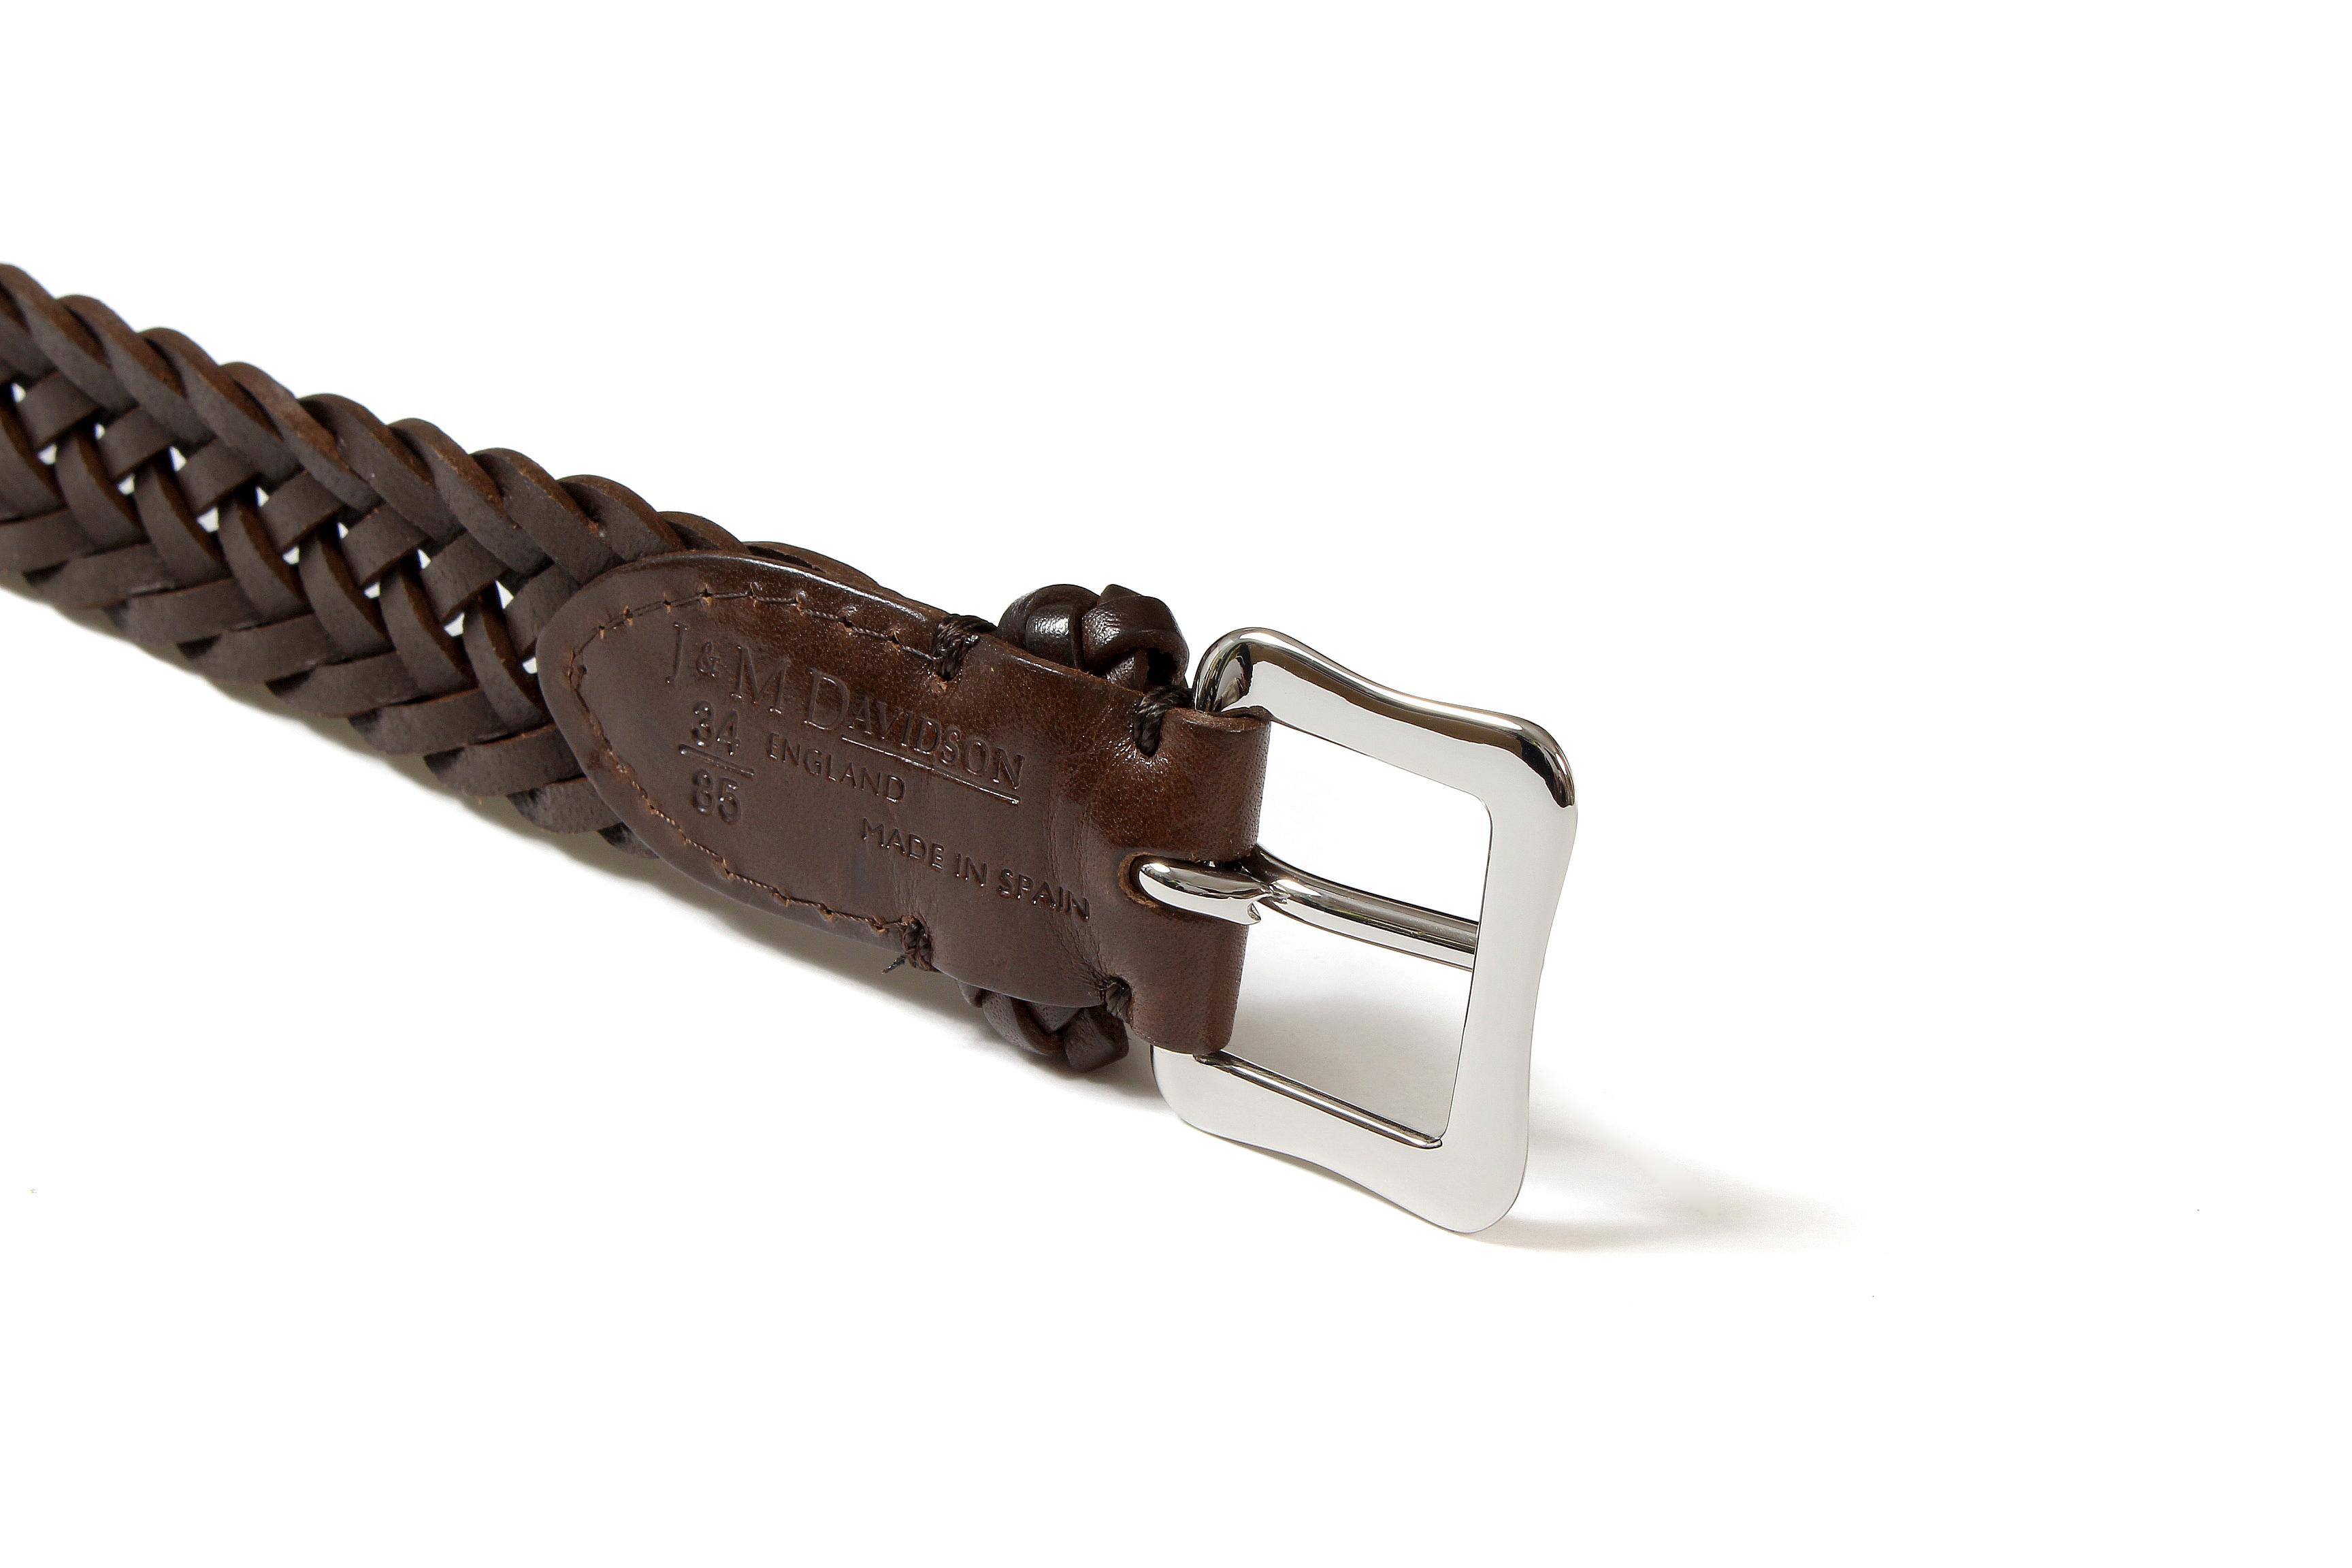 J&M DAVIDSON (ジェイアンドエムデヴィッドソン) ENVELOPE BUCKLE TIP END PLAITED BELT 25MM (エンベロープバックルチップエンドプレーテッドベルト 25mm)  47461SP COWHIDE LEATHER (カウハイドレザー) プンターレ メッシュベルト HAVANA (ハバナ・650) Made in italy (イタリア製) 2020 春夏新作 愛知 名古屋 Alto e Diritto アルト エ デリット jmdavidson ジェイエムデヴィッドソン ベルト メッシュ